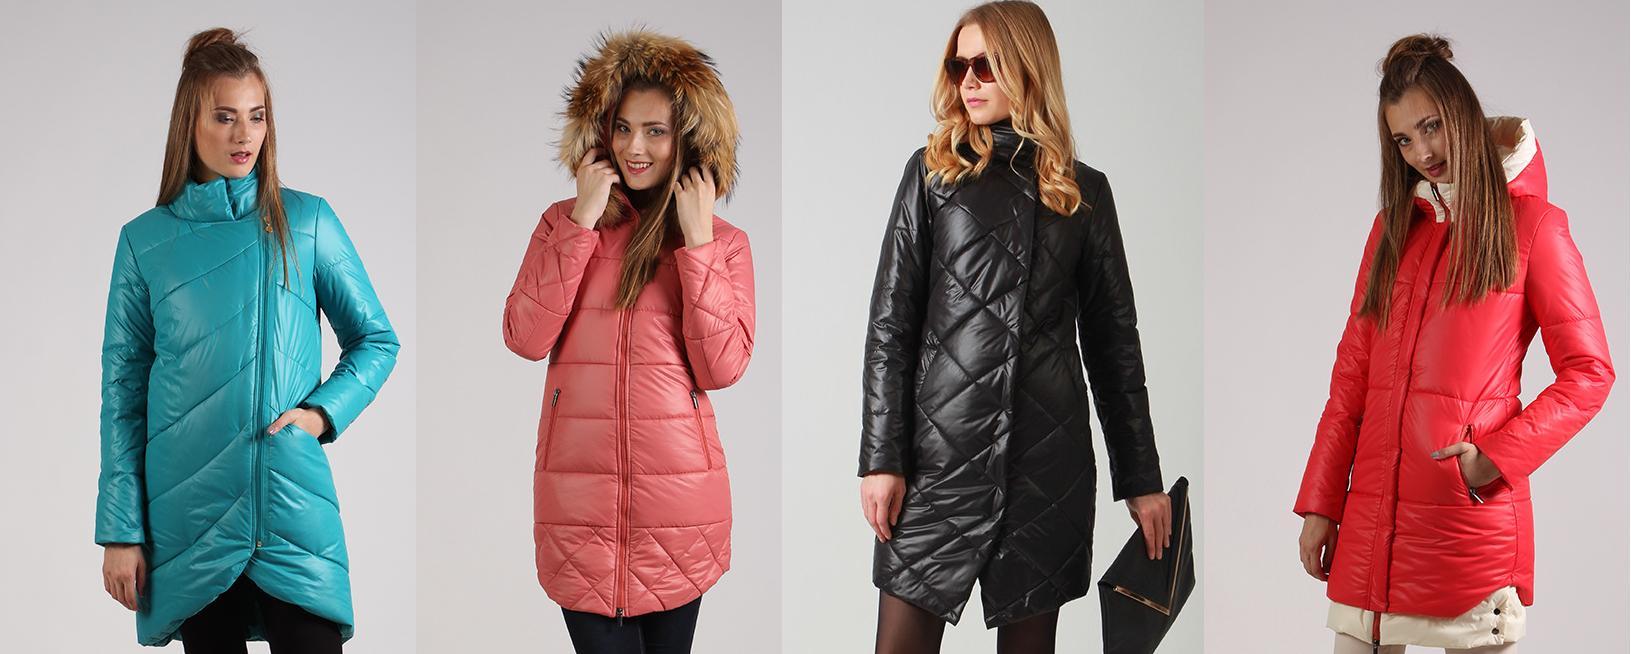 ТwinТiр - 47. Стильные модели осенней и зимней коллекций верхней женской одежды белорусского производителя. Пальто, куртки, парки. Большой выбор! Без рядов!